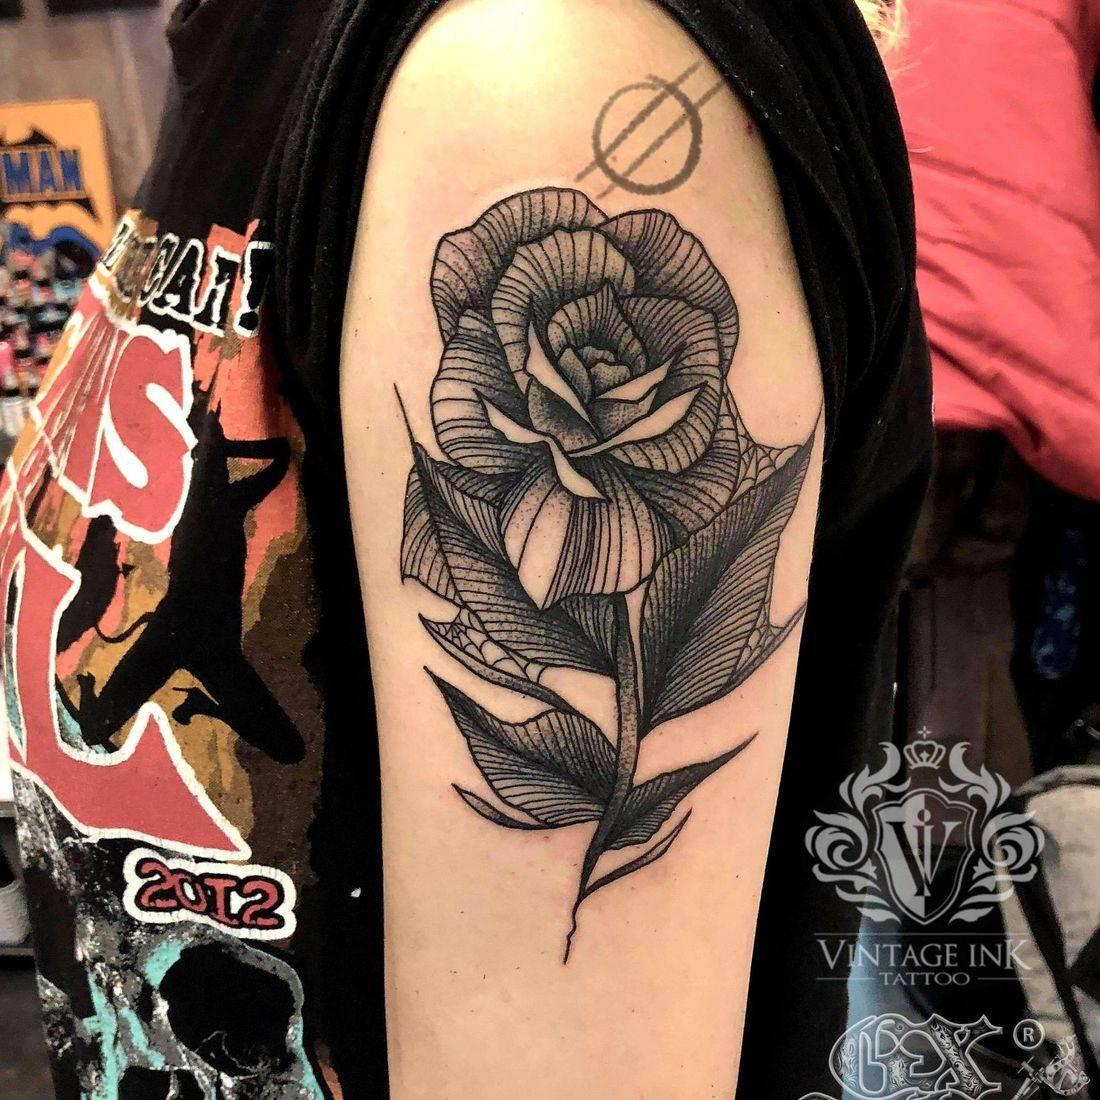 Vintage ink tattoos featured work Unicorn Tattoo